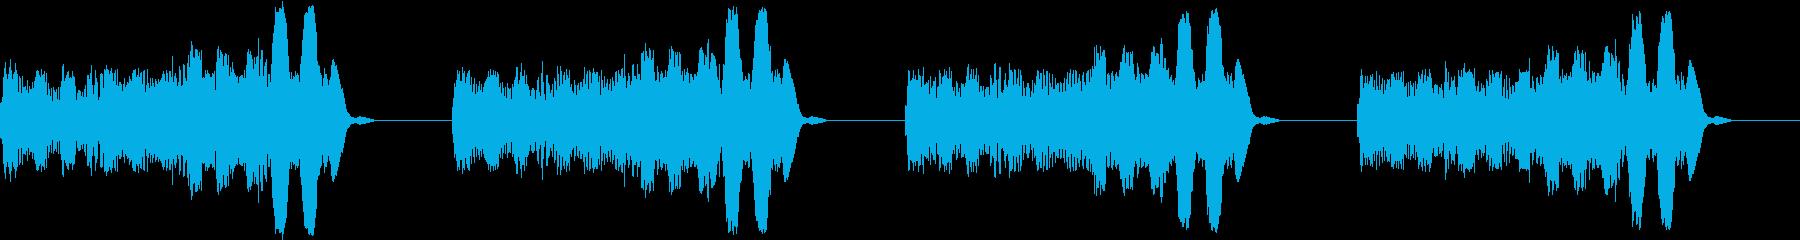 アラーム 電話 未来的 宇宙船 ブザー2の再生済みの波形